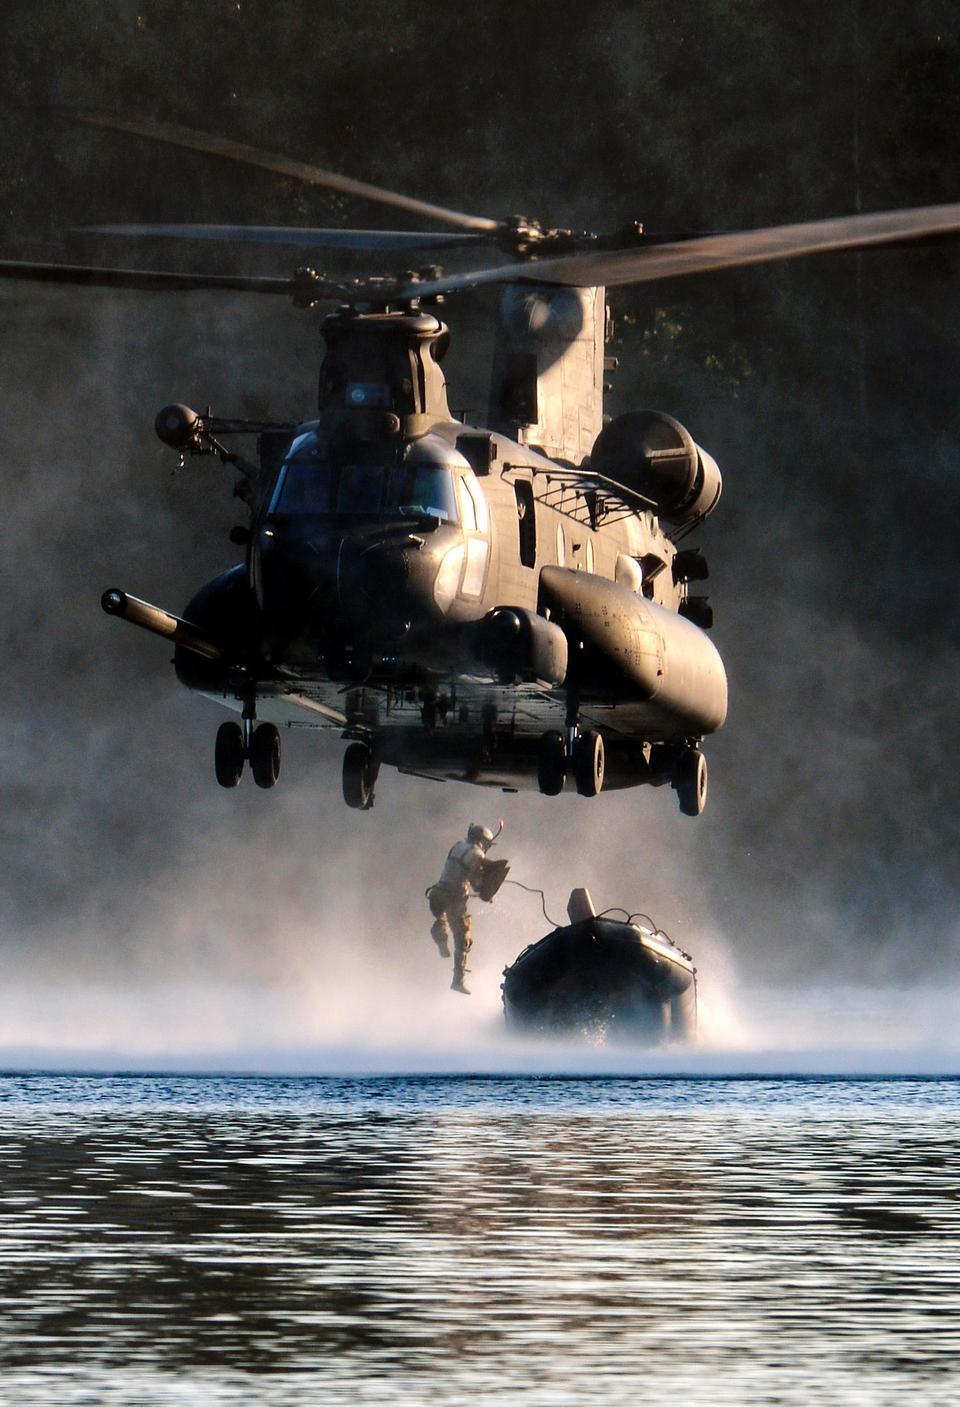 エアマンはMH-47チヌークヘリコプターからジャンプ